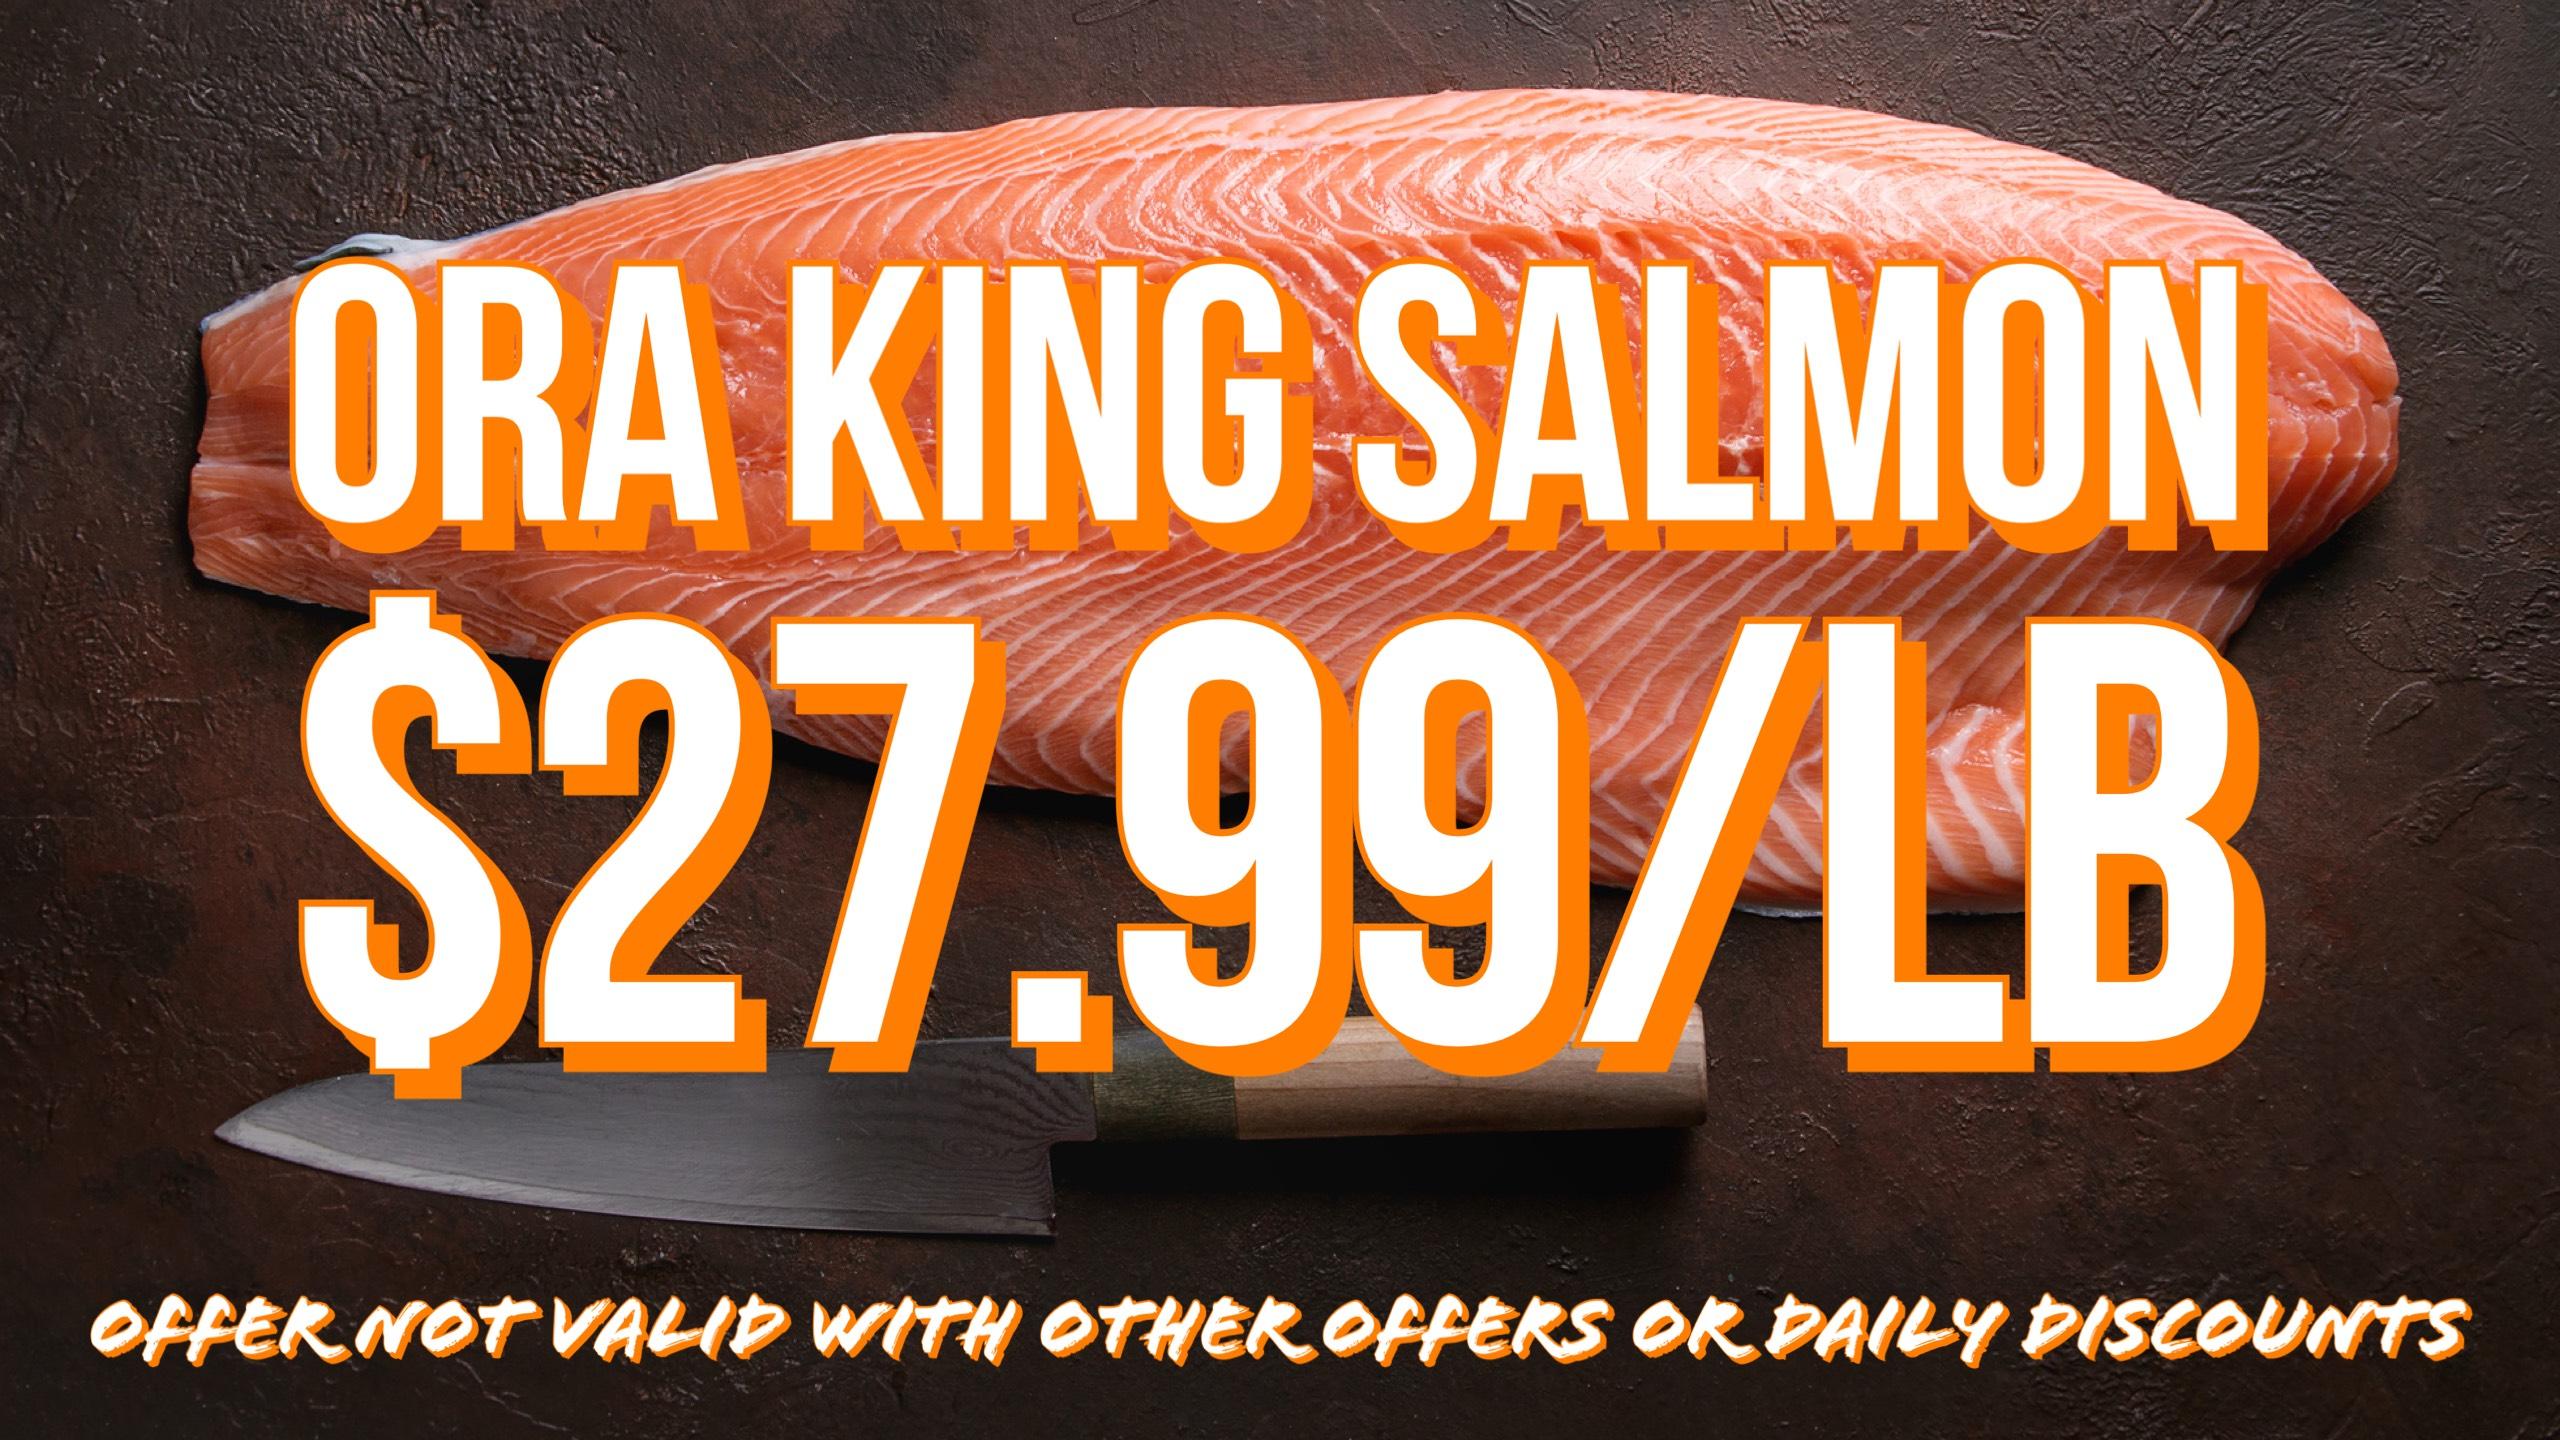 Coastal Seafood | Quality Fish & Seafood | Minneapolis & St Paul